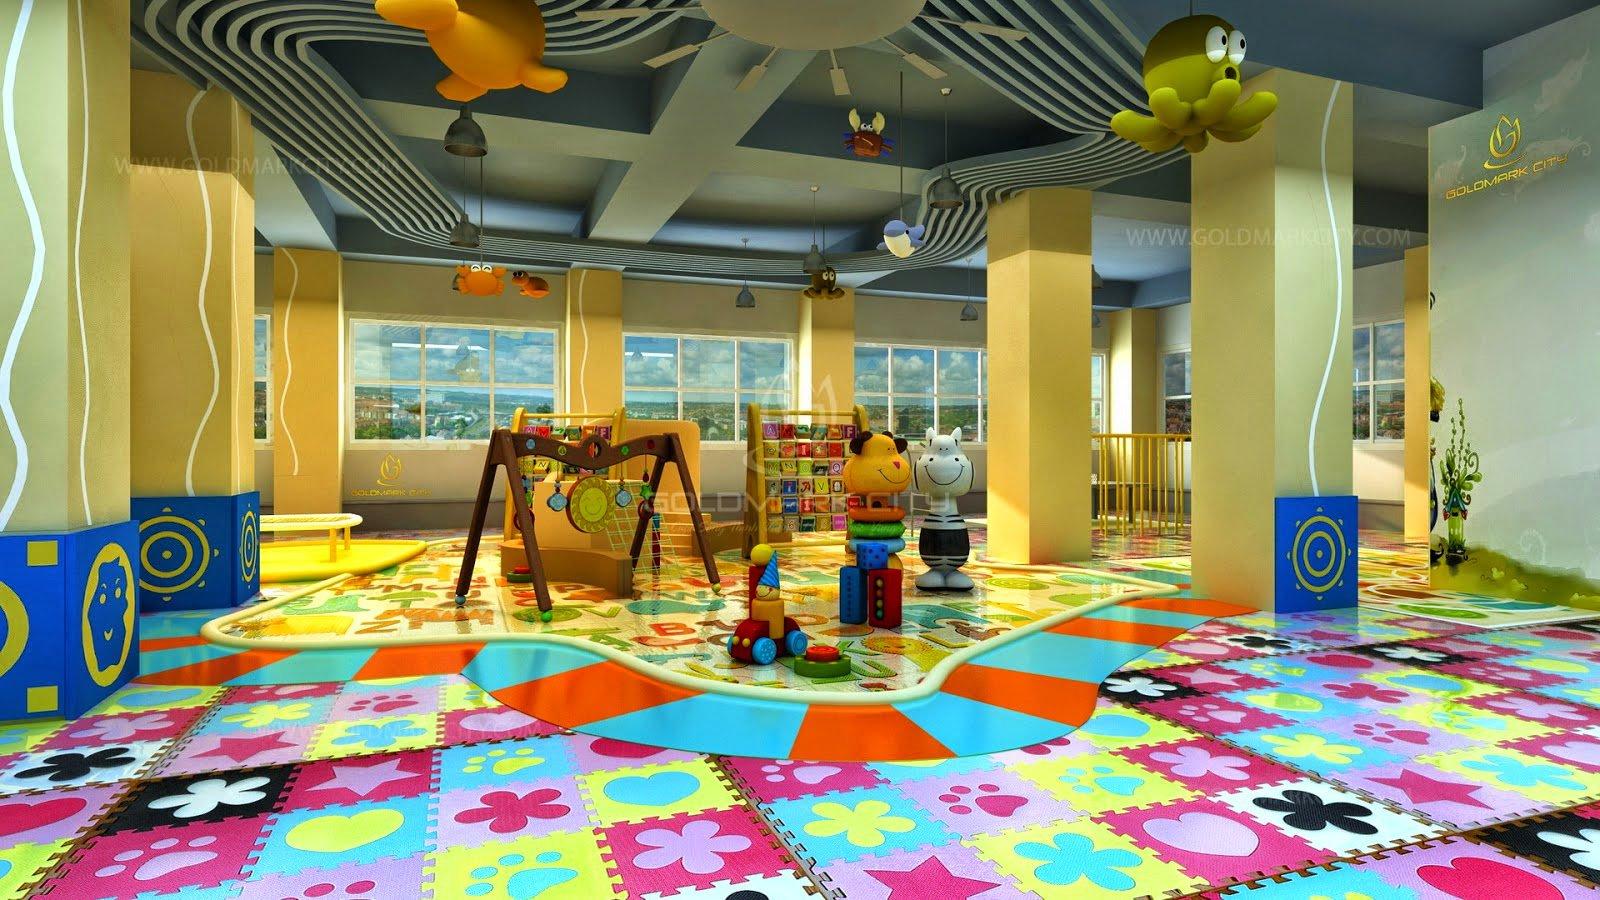 5 trung tâm thương mại với ưu đãi lớn cùng chương trình đặc sắc cho bé nhân dịp Trung thu  - Ảnh 20.